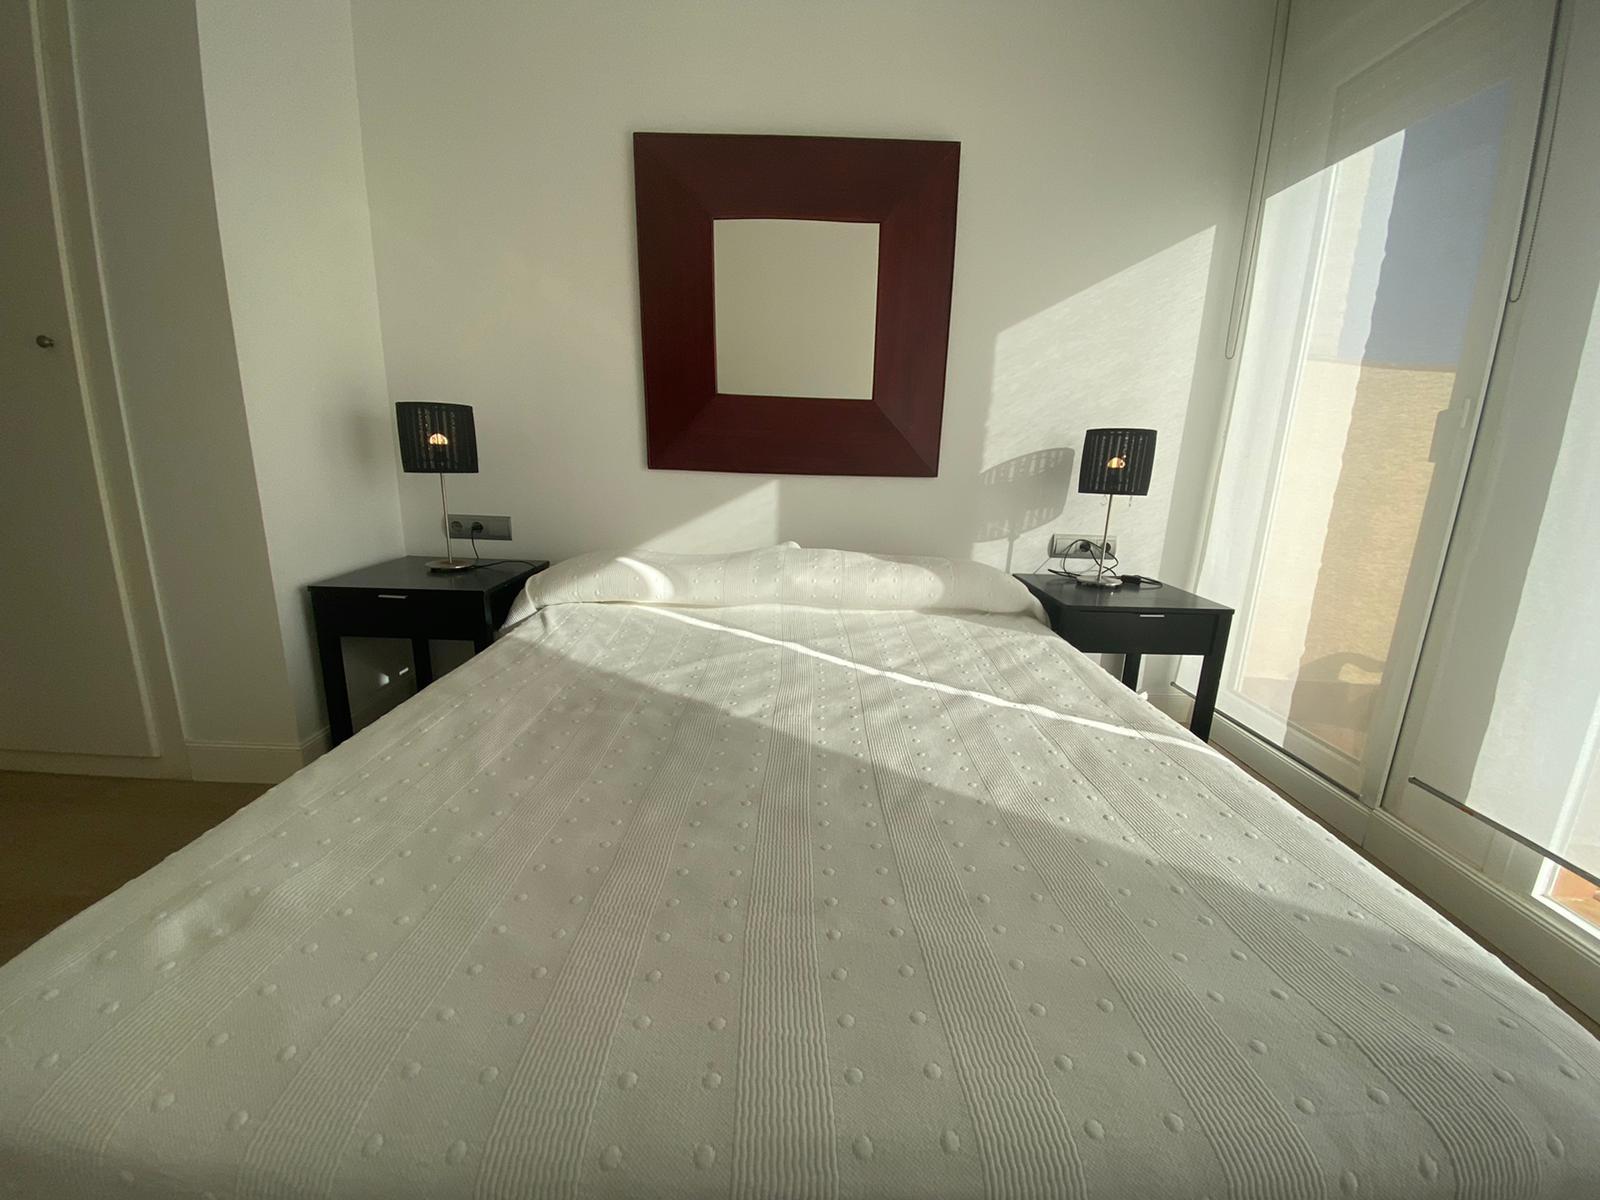 Imagen 11 del Apartamento Turístico, Ático 7 Levante (3d +2b), Punta del Moral (HUELVA), Paseo de la Cruz nº22